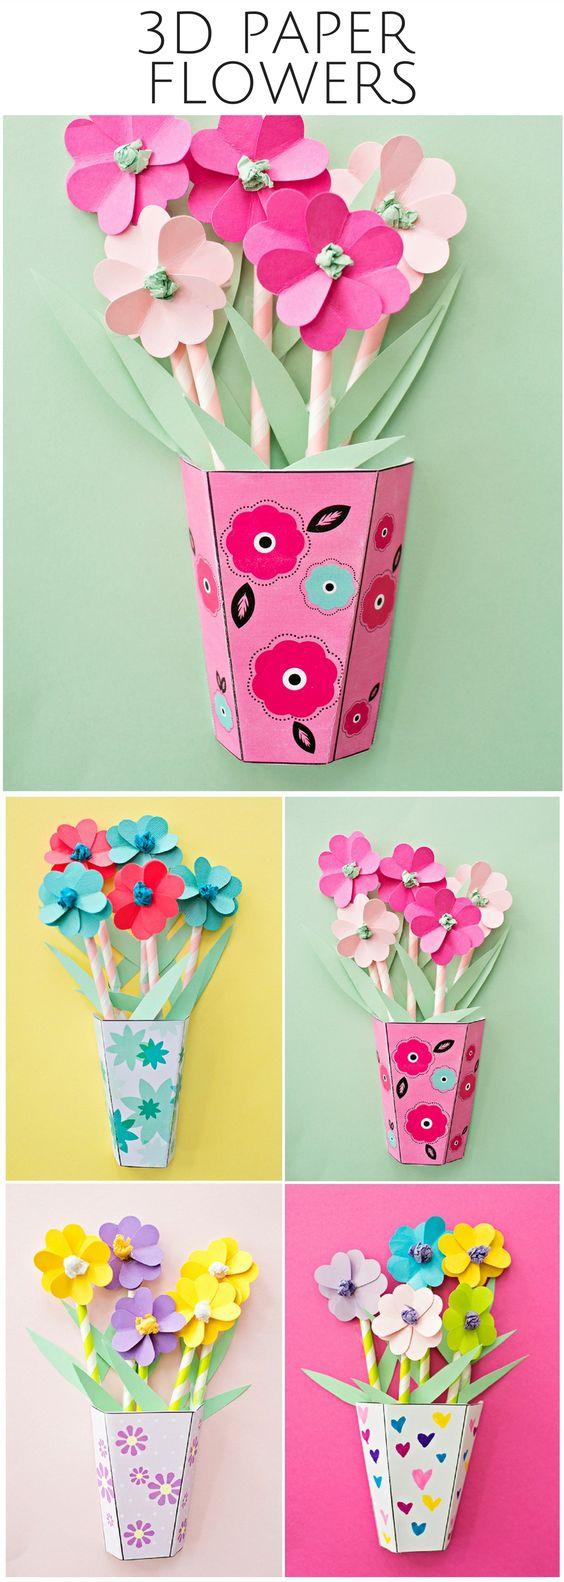 activité manuelle primaire, une boite en carton multicolore, rempli de fleur en papier, tiges en pailles, bricolage enfant été